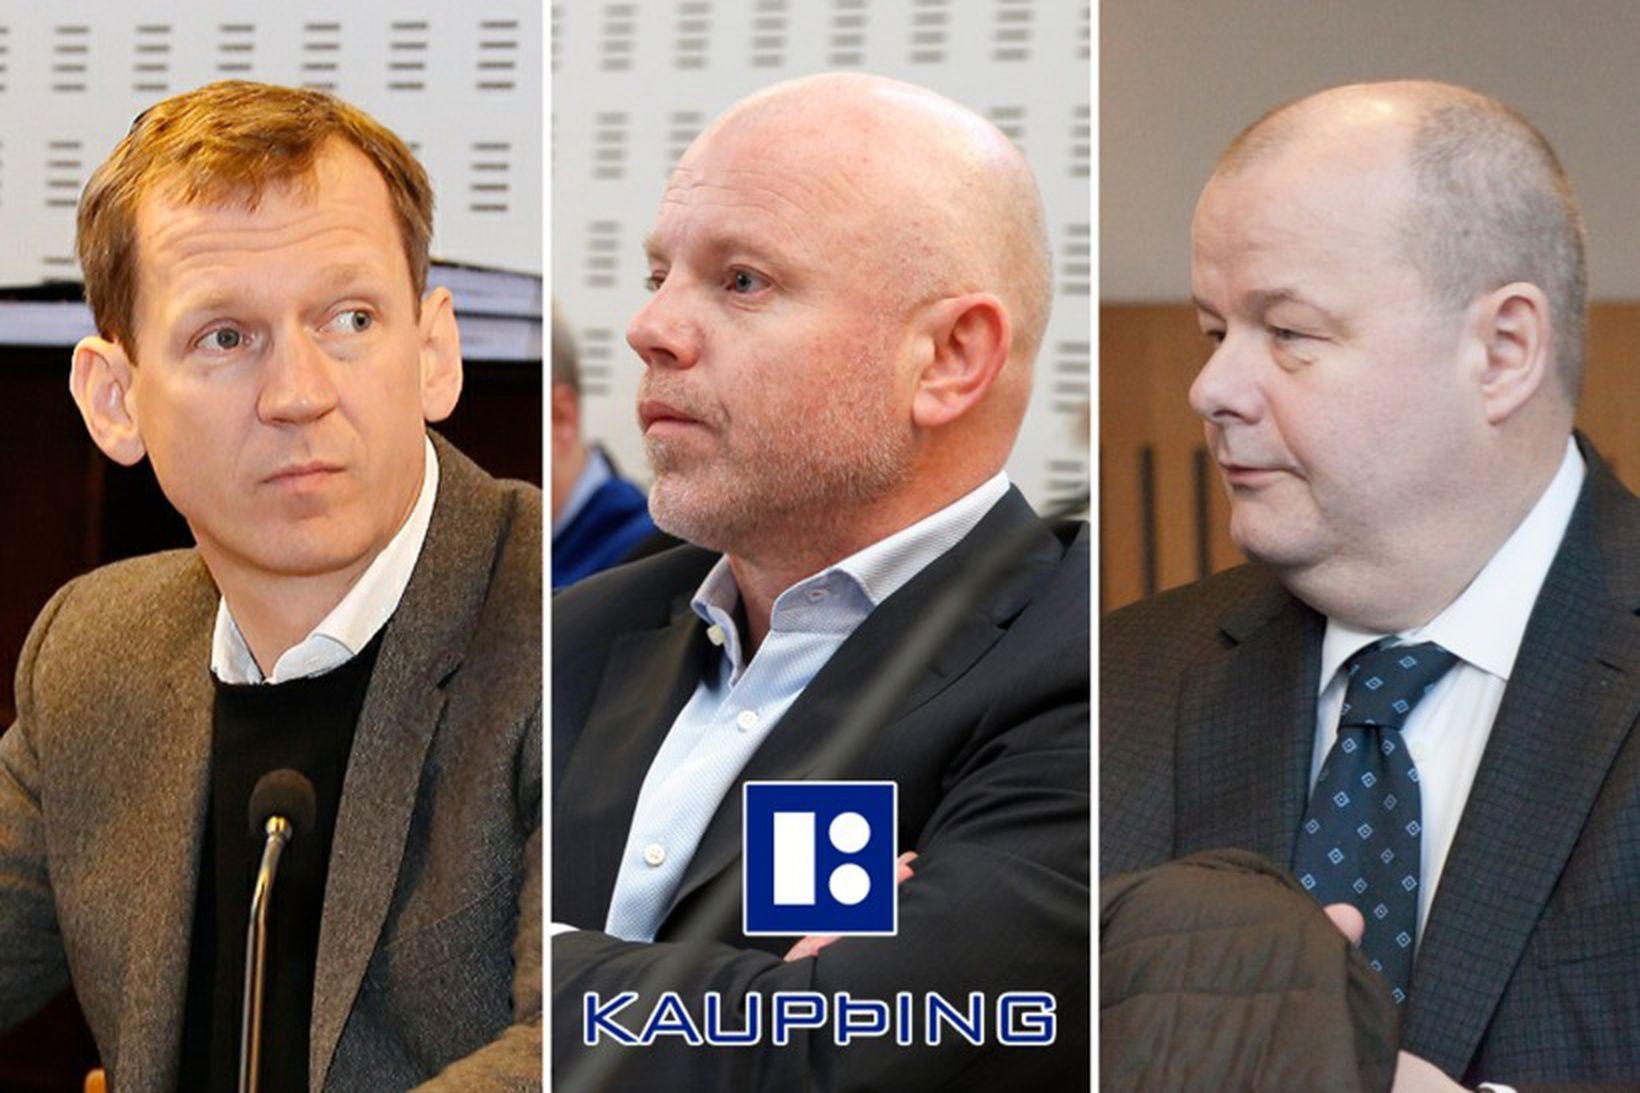 Hreiðar Már Sigurðsson, Ingólfur Helgason og Sigurður Einarsson